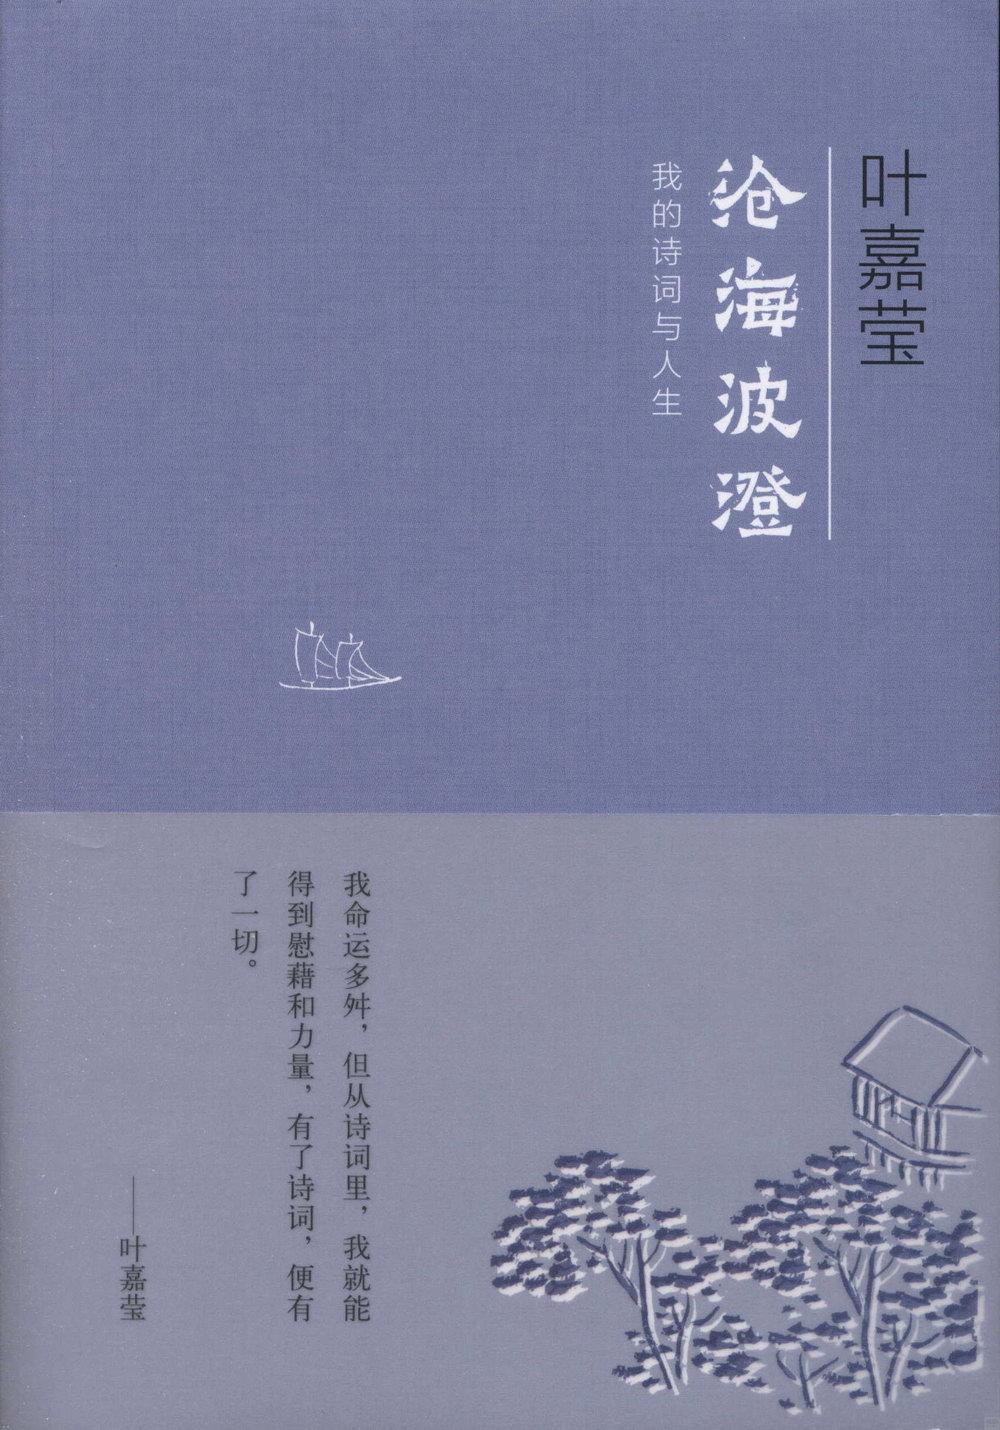 滄海波澄:我的詩詞與人生